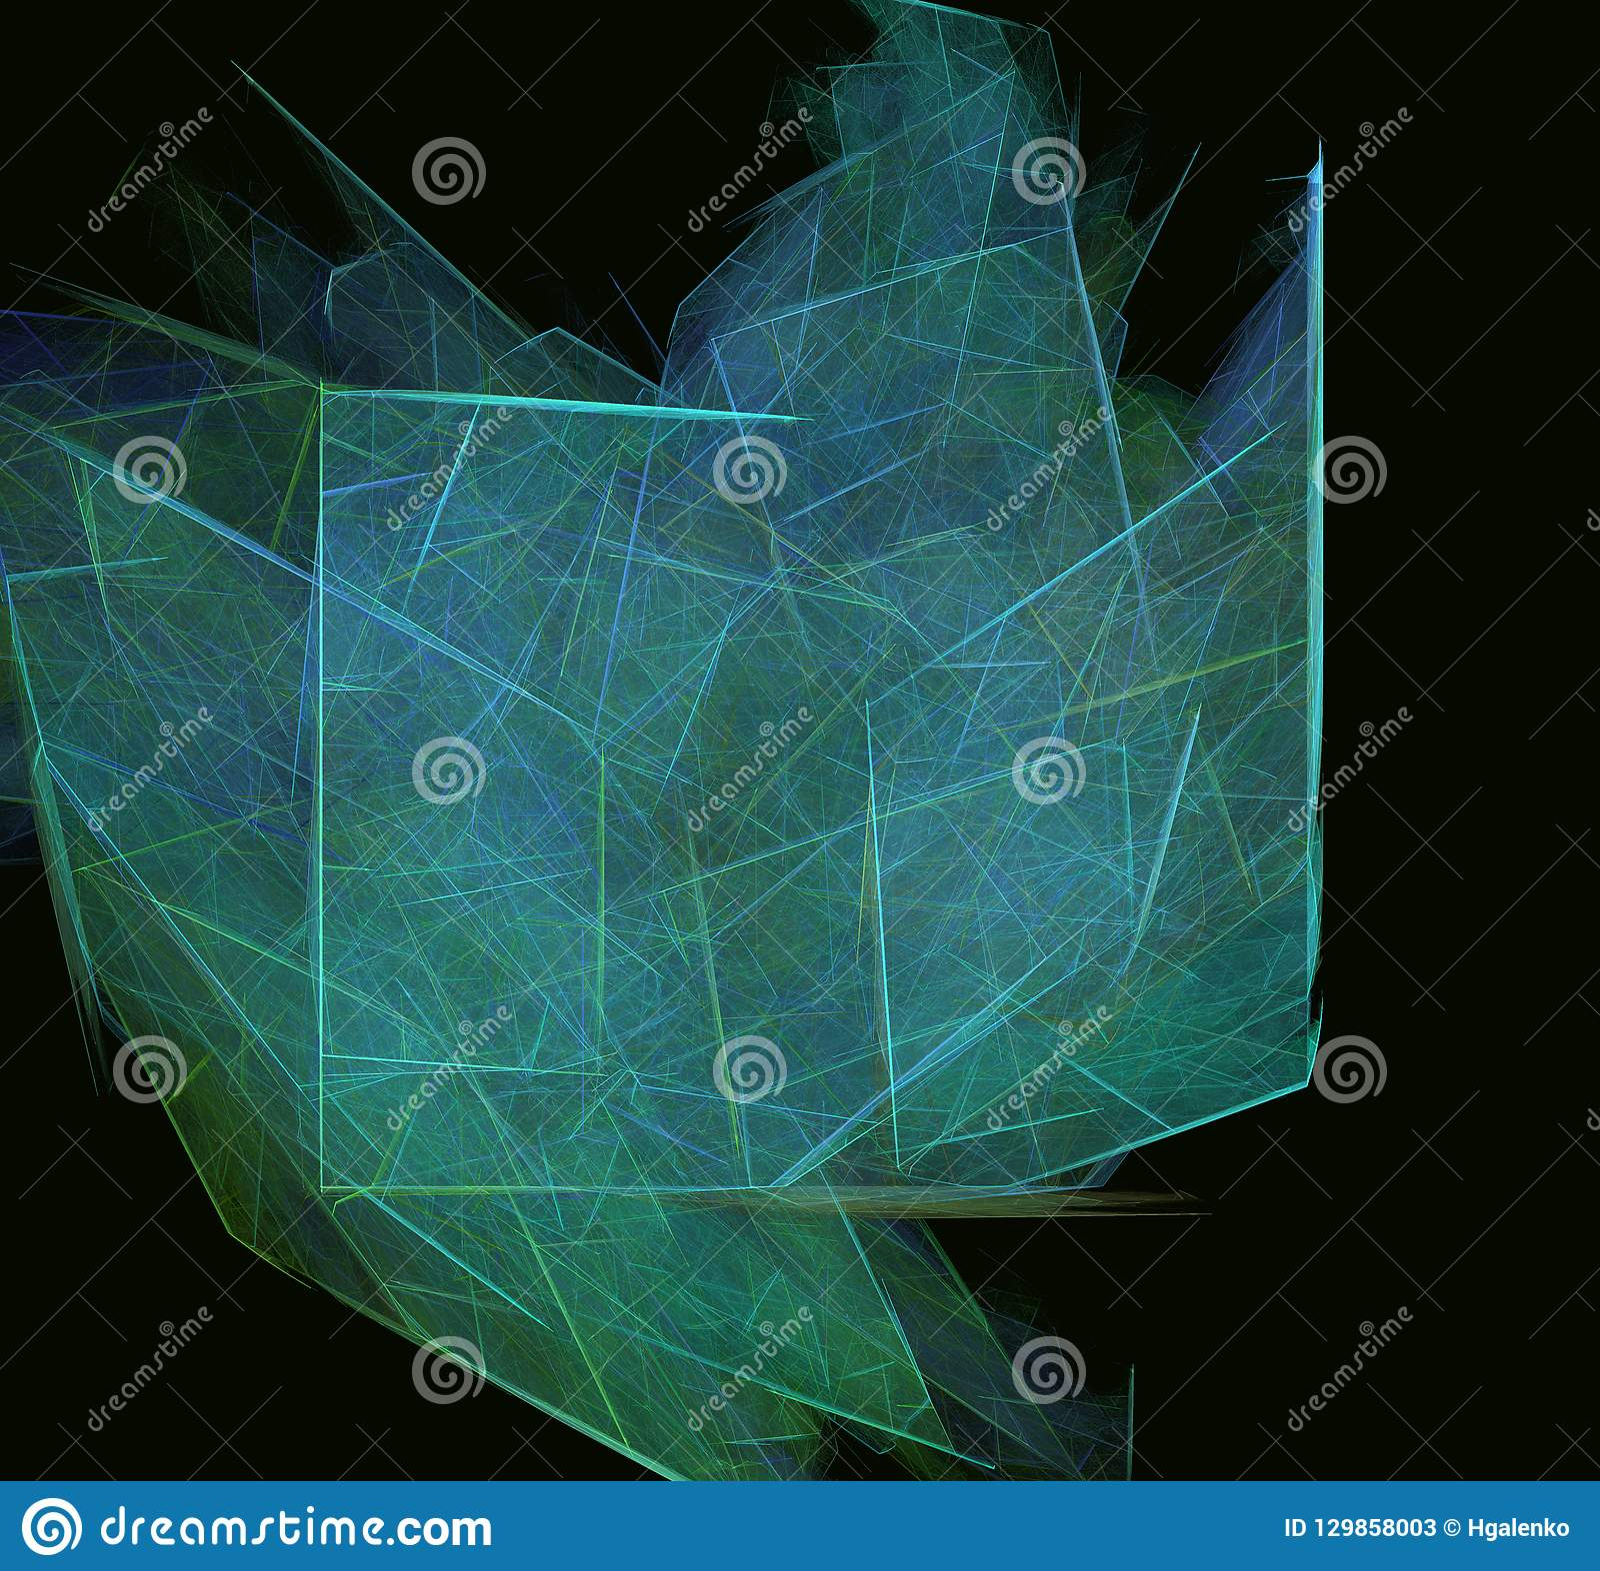 在黑背景的青绿的抽象分数维纹理 幻想分数维纹理 abstact艺术深深数字式红色转动 3d翻译 计算机生成im